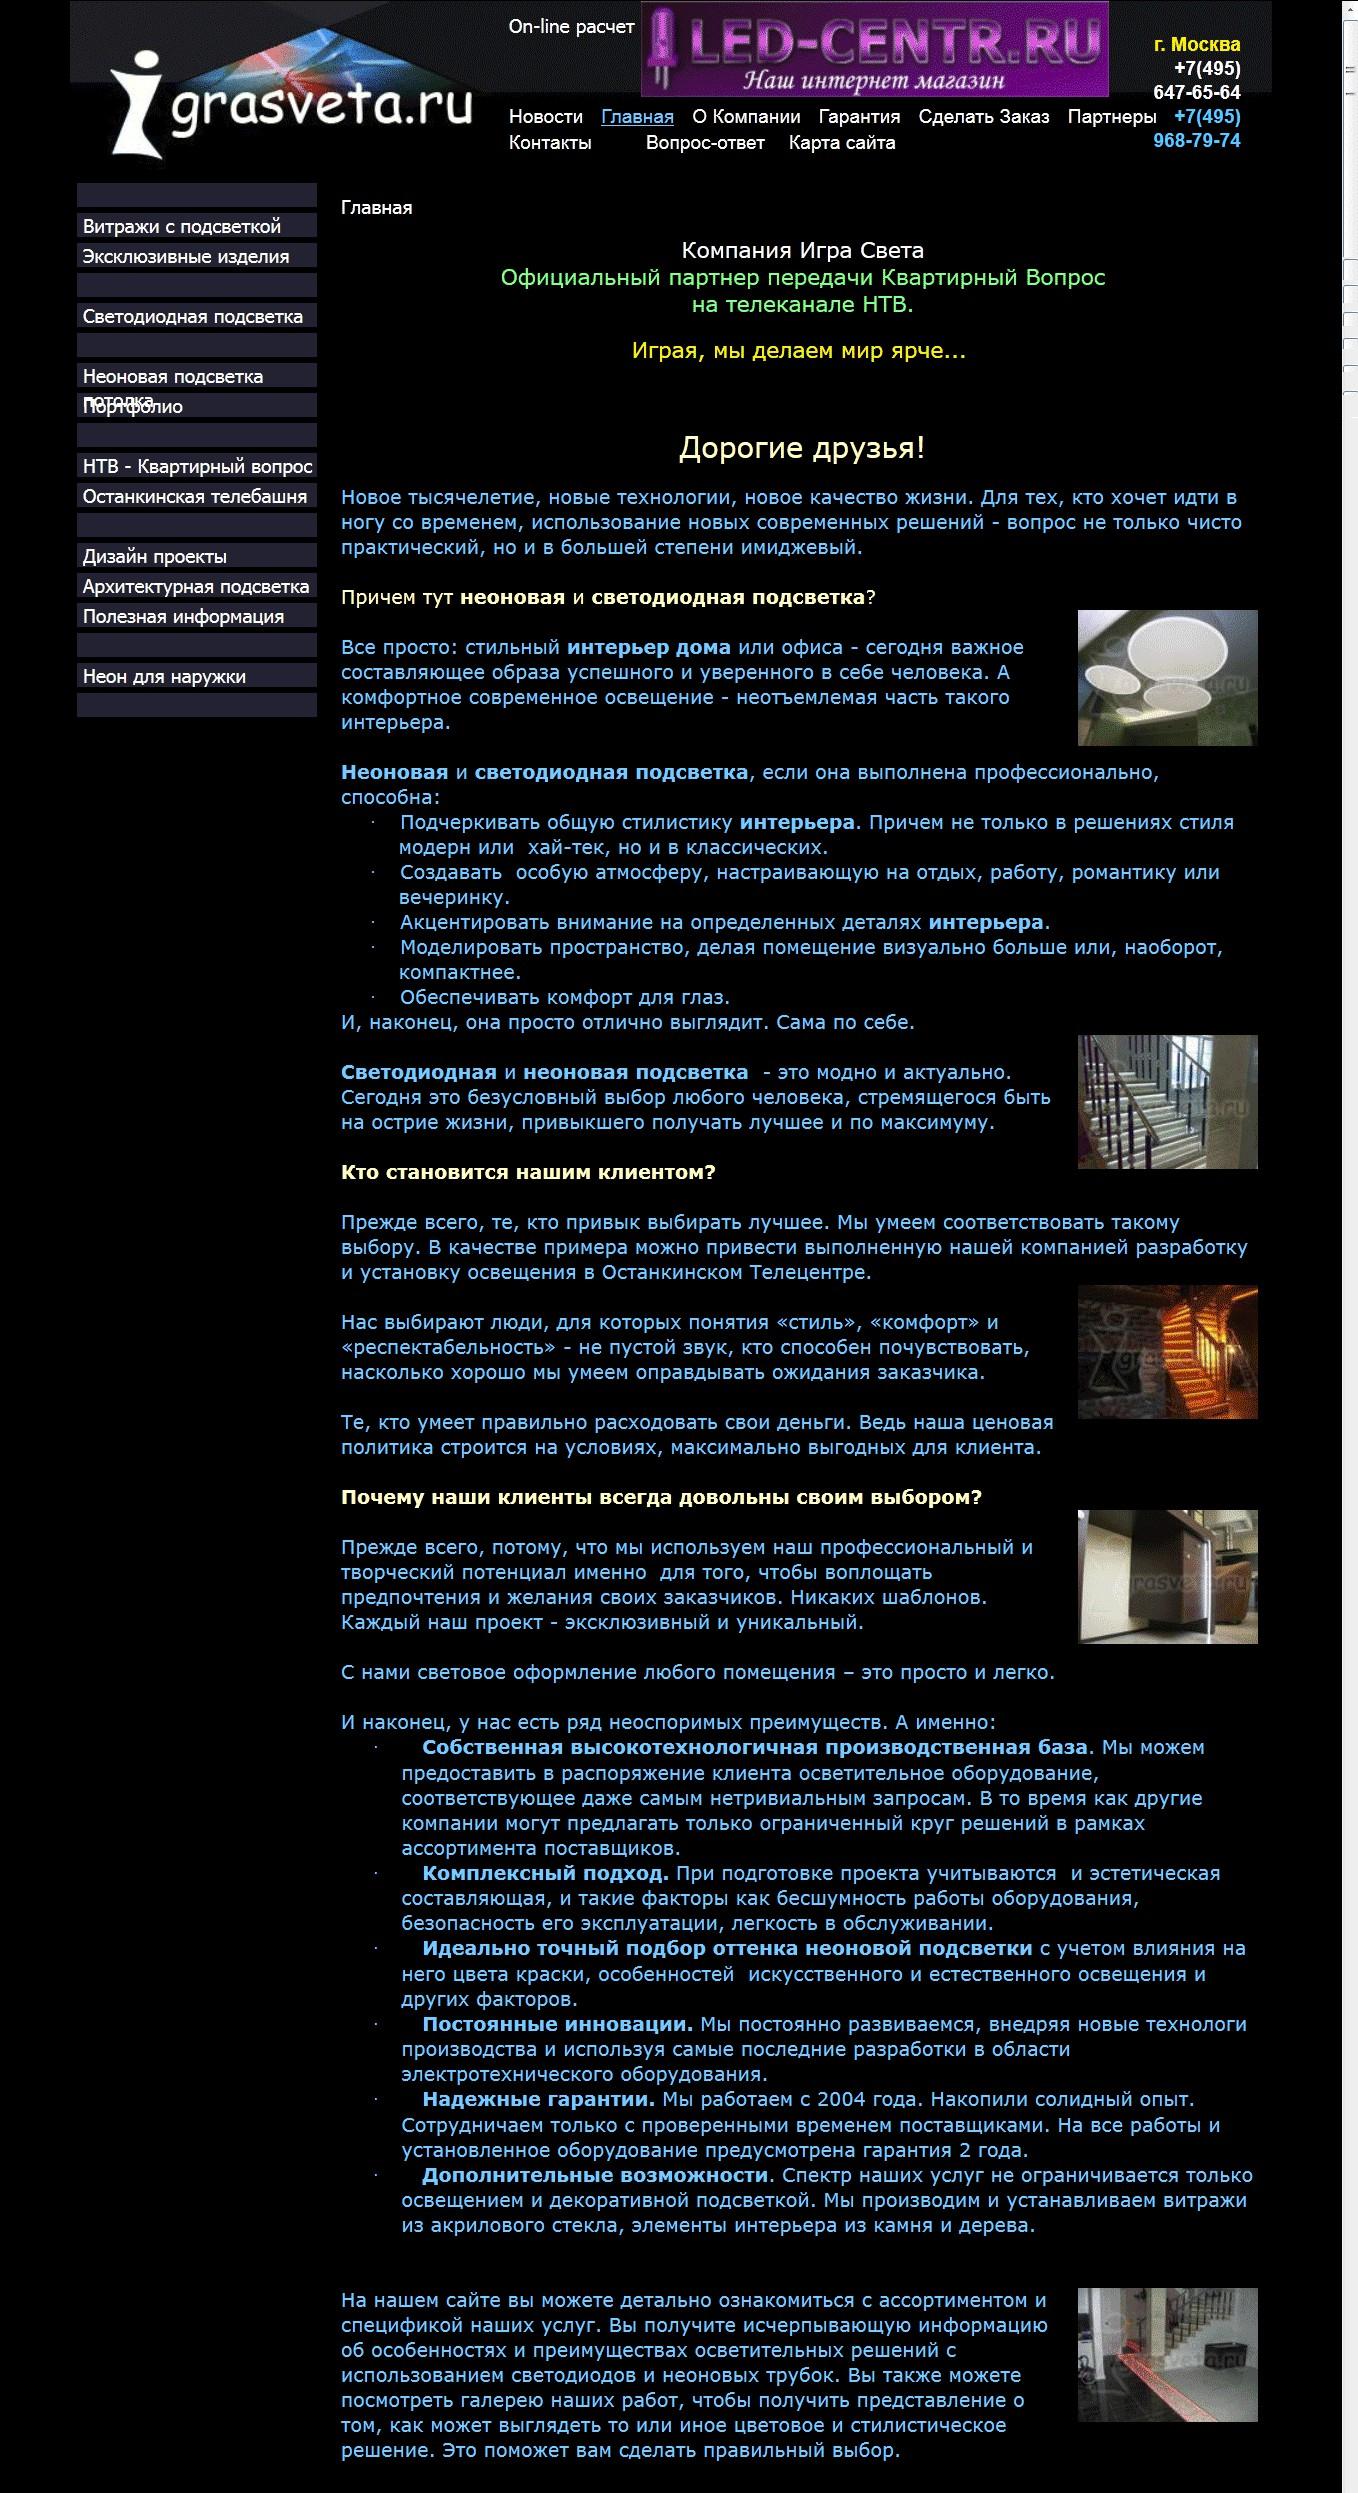 Главная страница сайта. Тема: неоновая подсветка